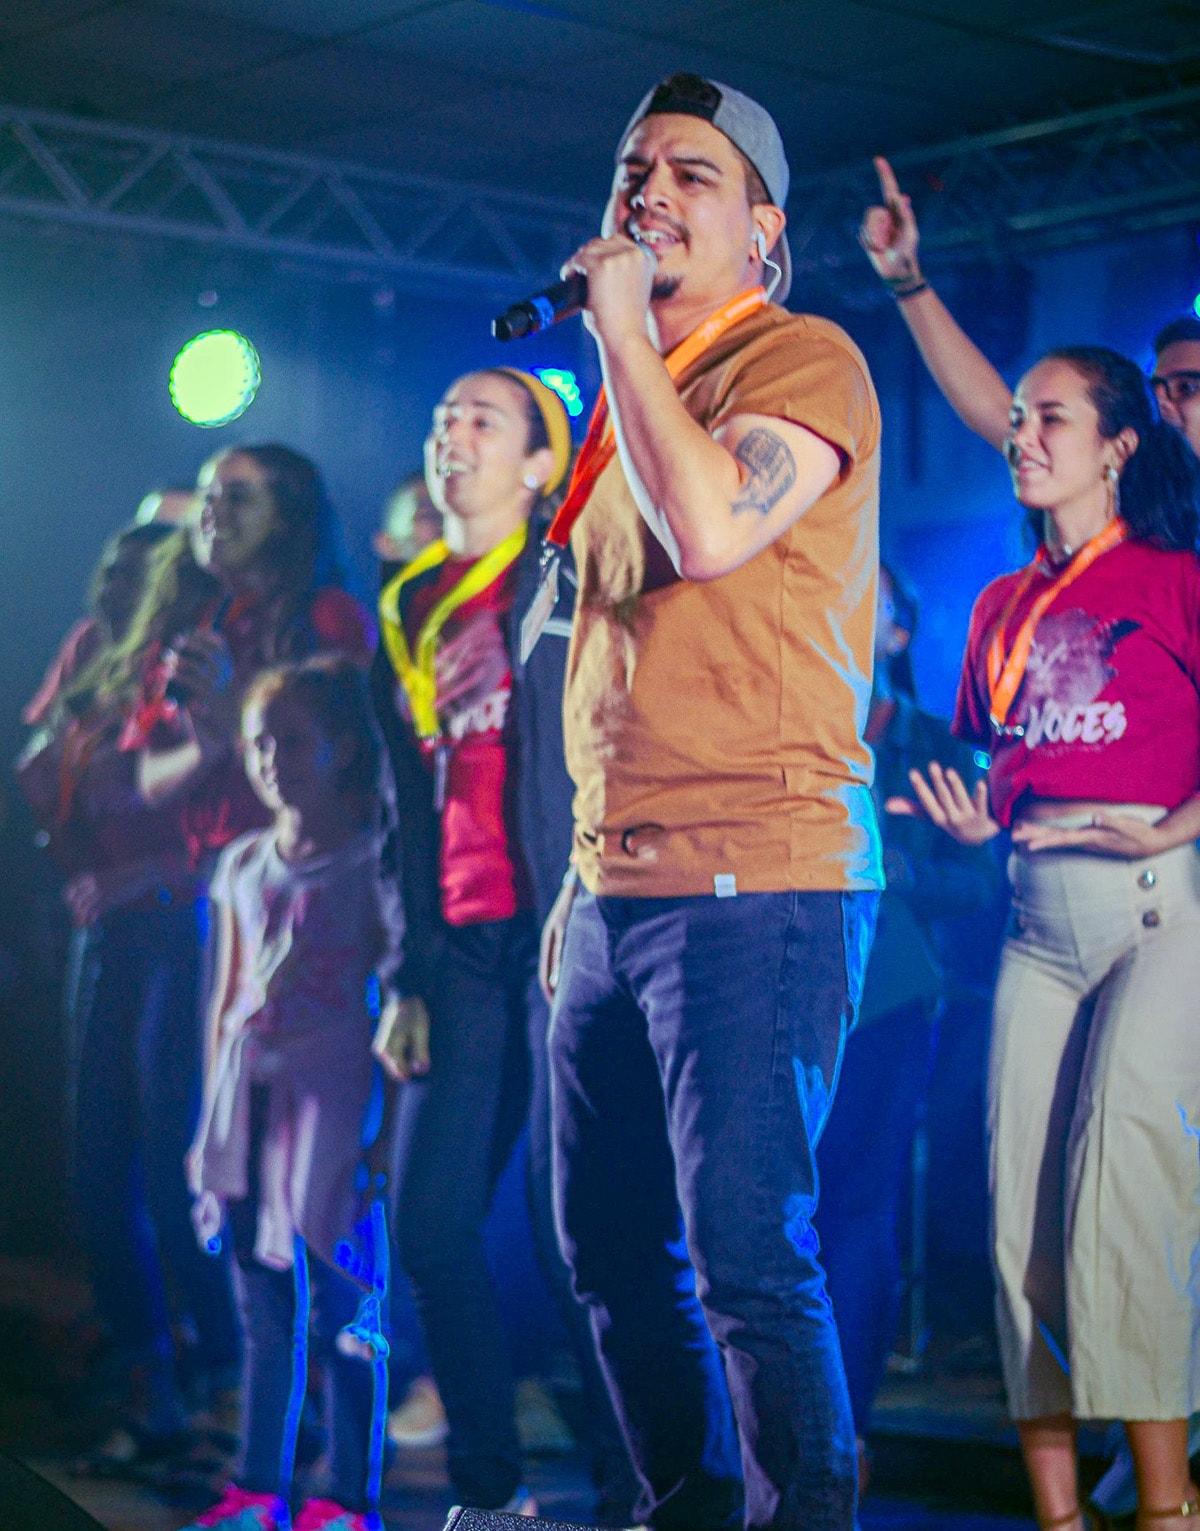 Lester Guevara, da banda de louvor Save Our Souls, lidera a Ressurreição fiel cantando uma nova música para o evento de 11 a 13 de outubro. Foto de Daniel Sandi, cortesia da Conferência Anual de Holston.